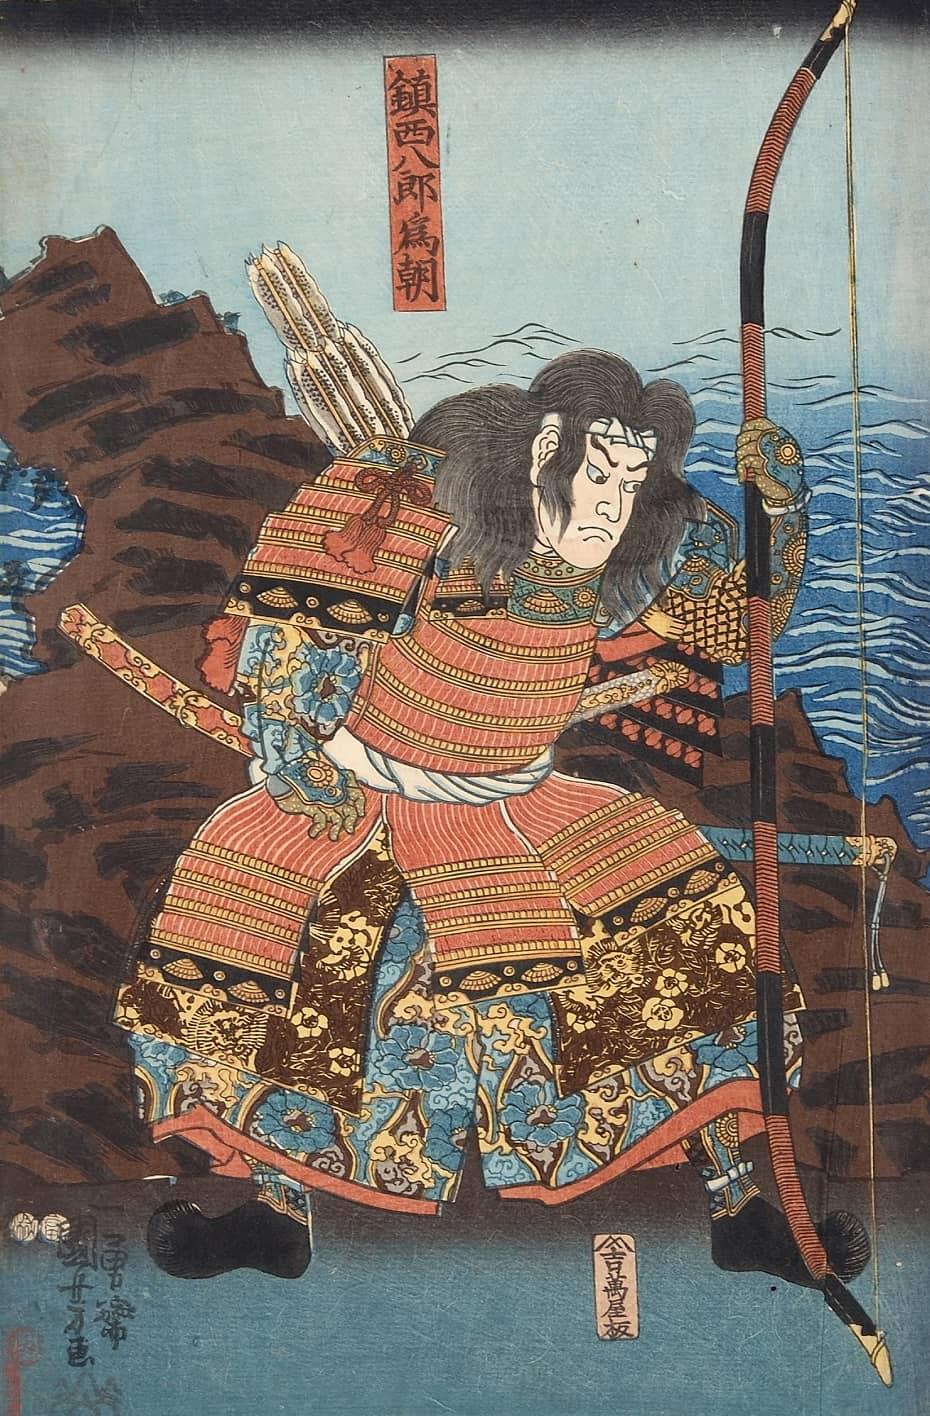 疱瘡神(ほうそうしん) 〜天然痘を蔓延させて日本中を恐怖に陥れた鬼神